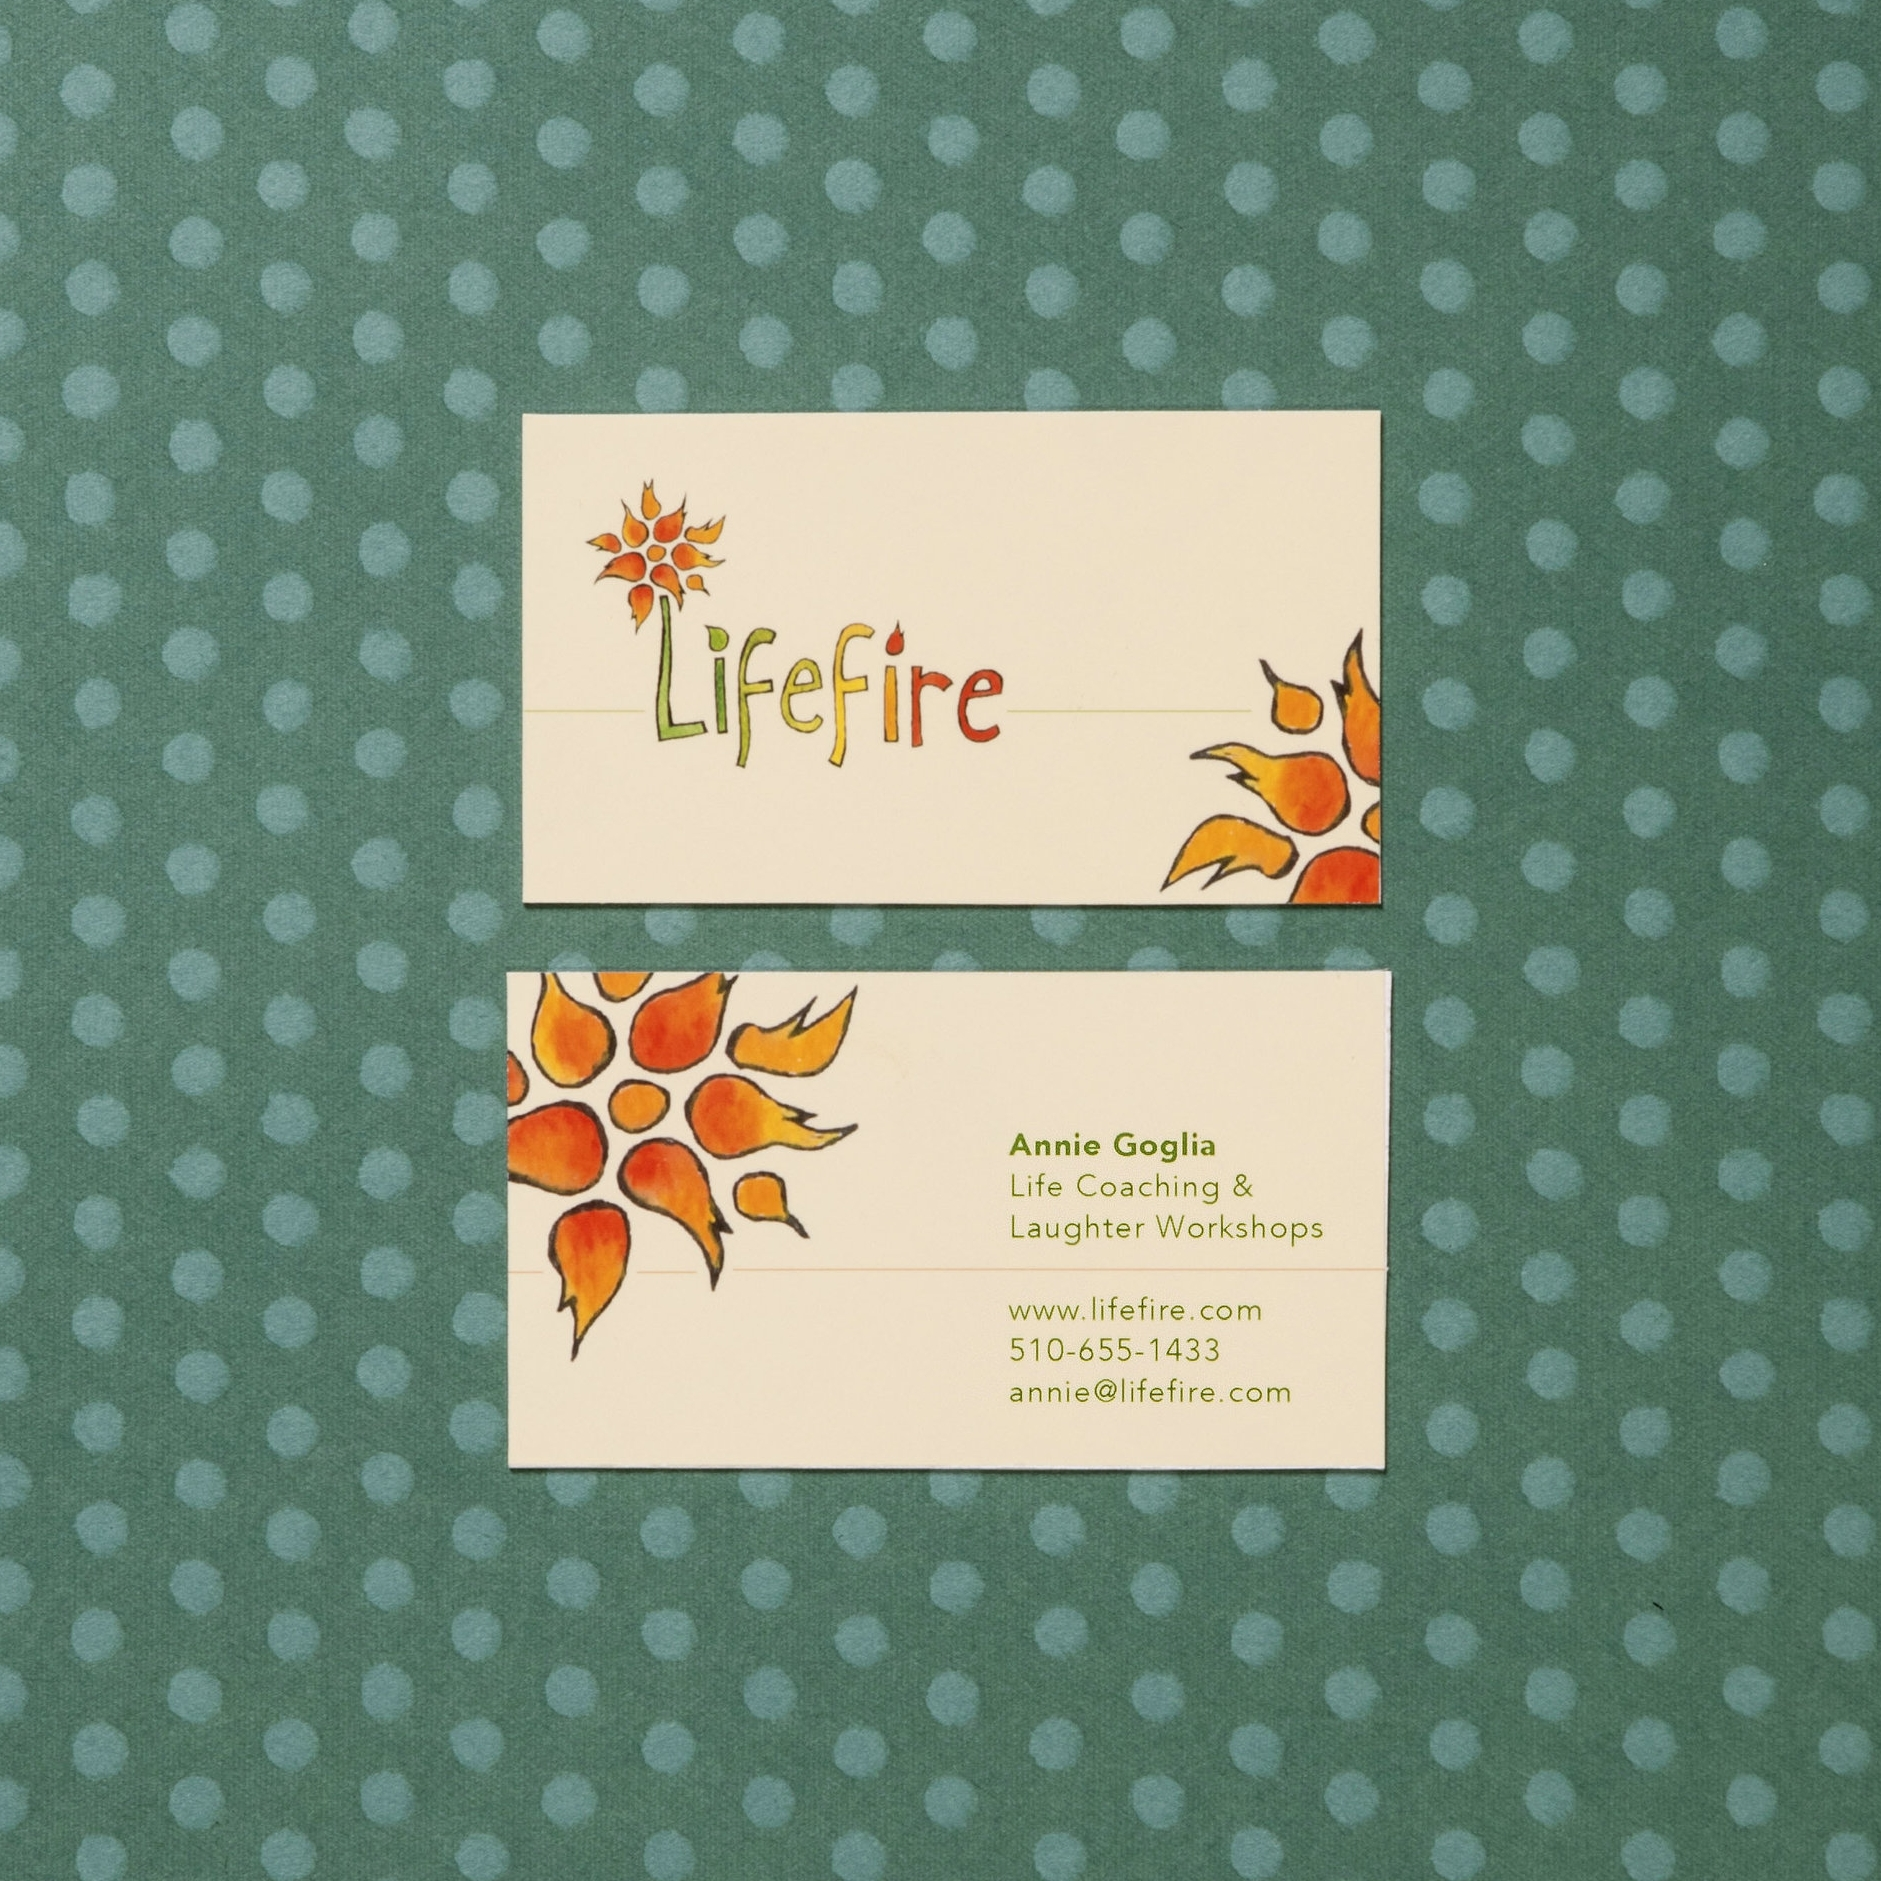 Lifefire Coaching